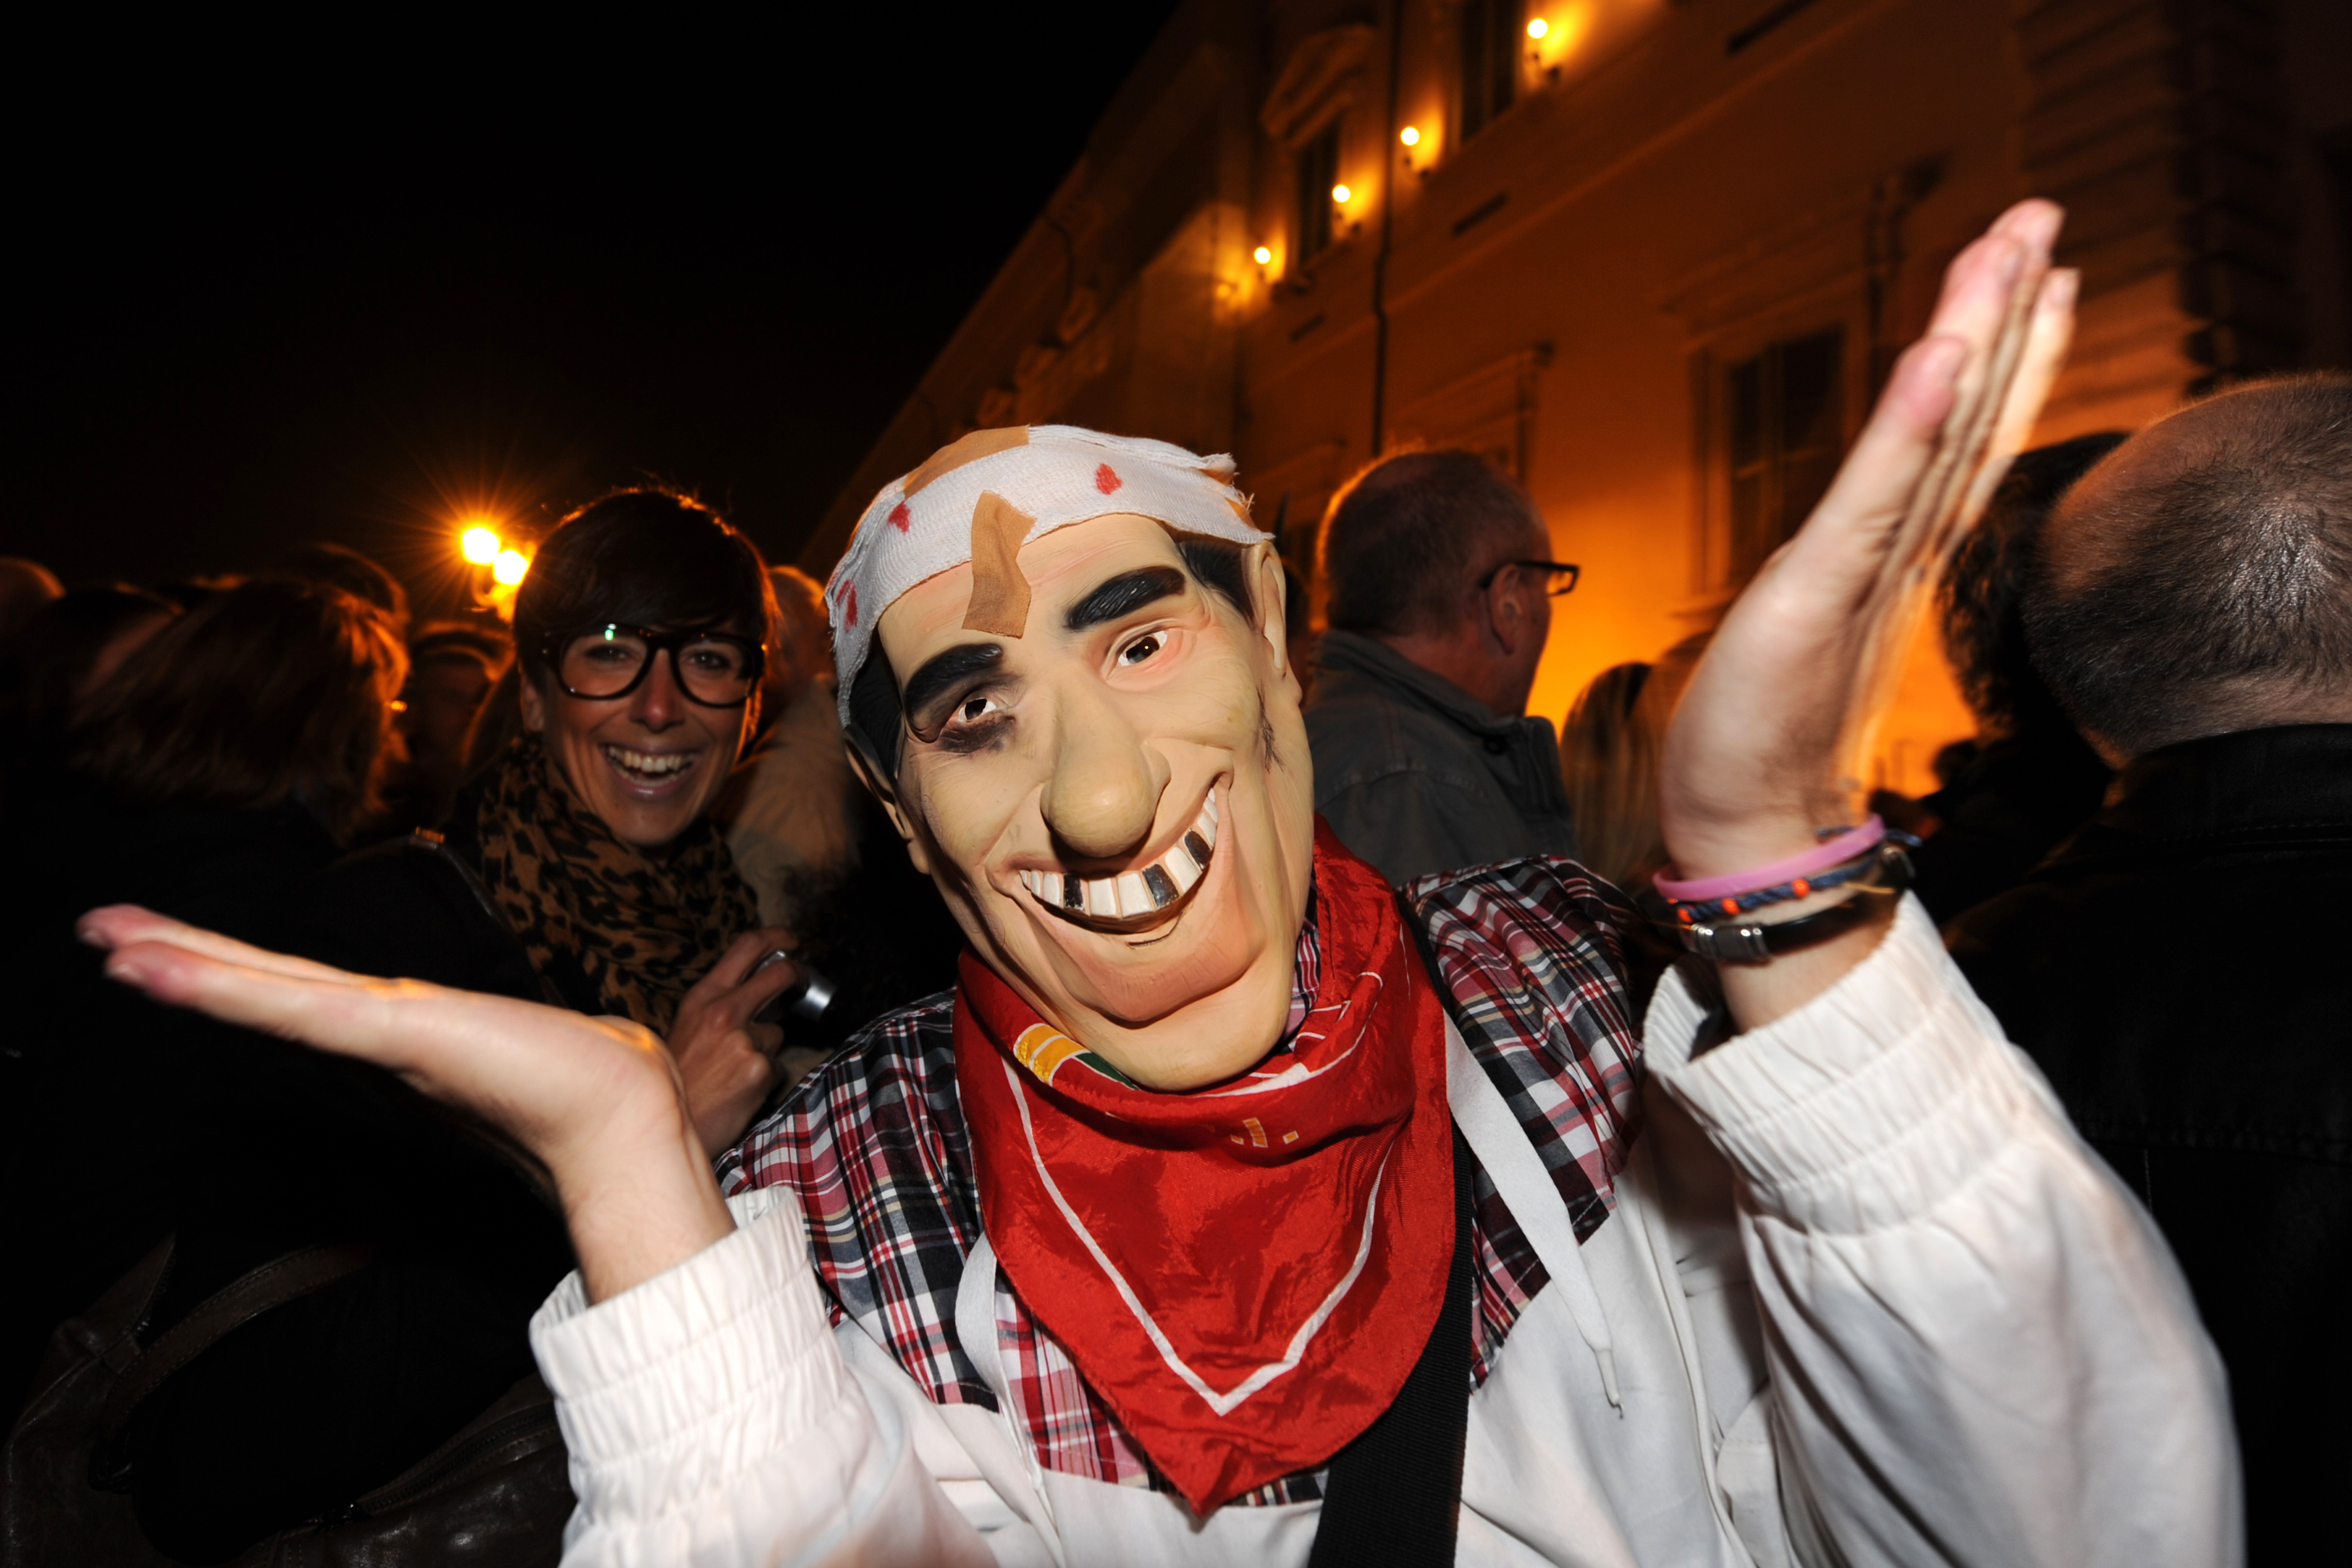 Итальянцы празднуют отставку премьер-министра Италии Сильвио Берлускони. Фото: Gabriel Bouys/Getty Images